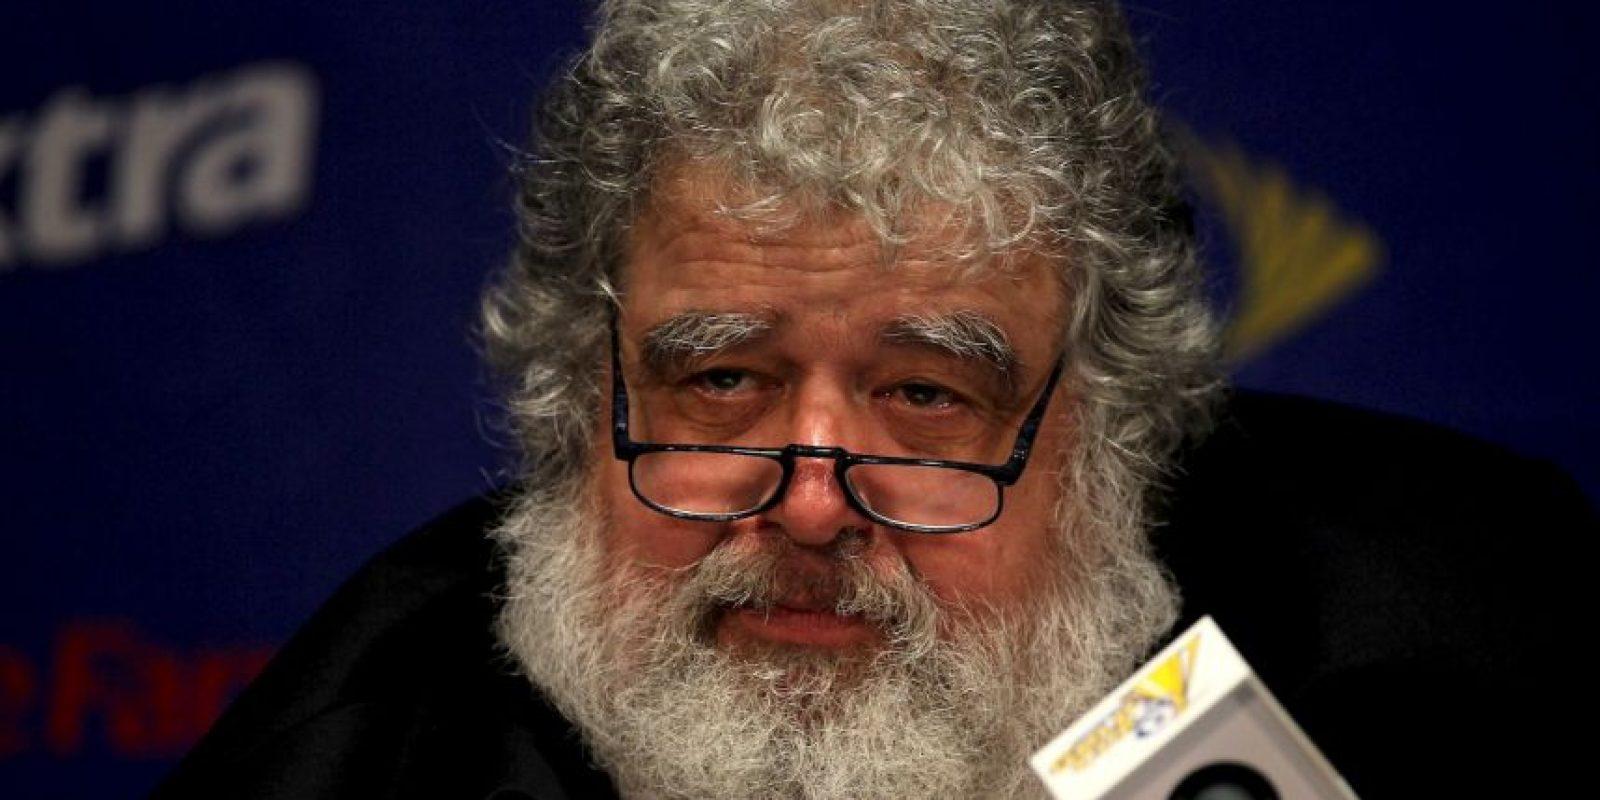 El estadounidense fue el primero en delatar la corrupción de FIFA, con micrófonos escondidos Foto:Getty Images